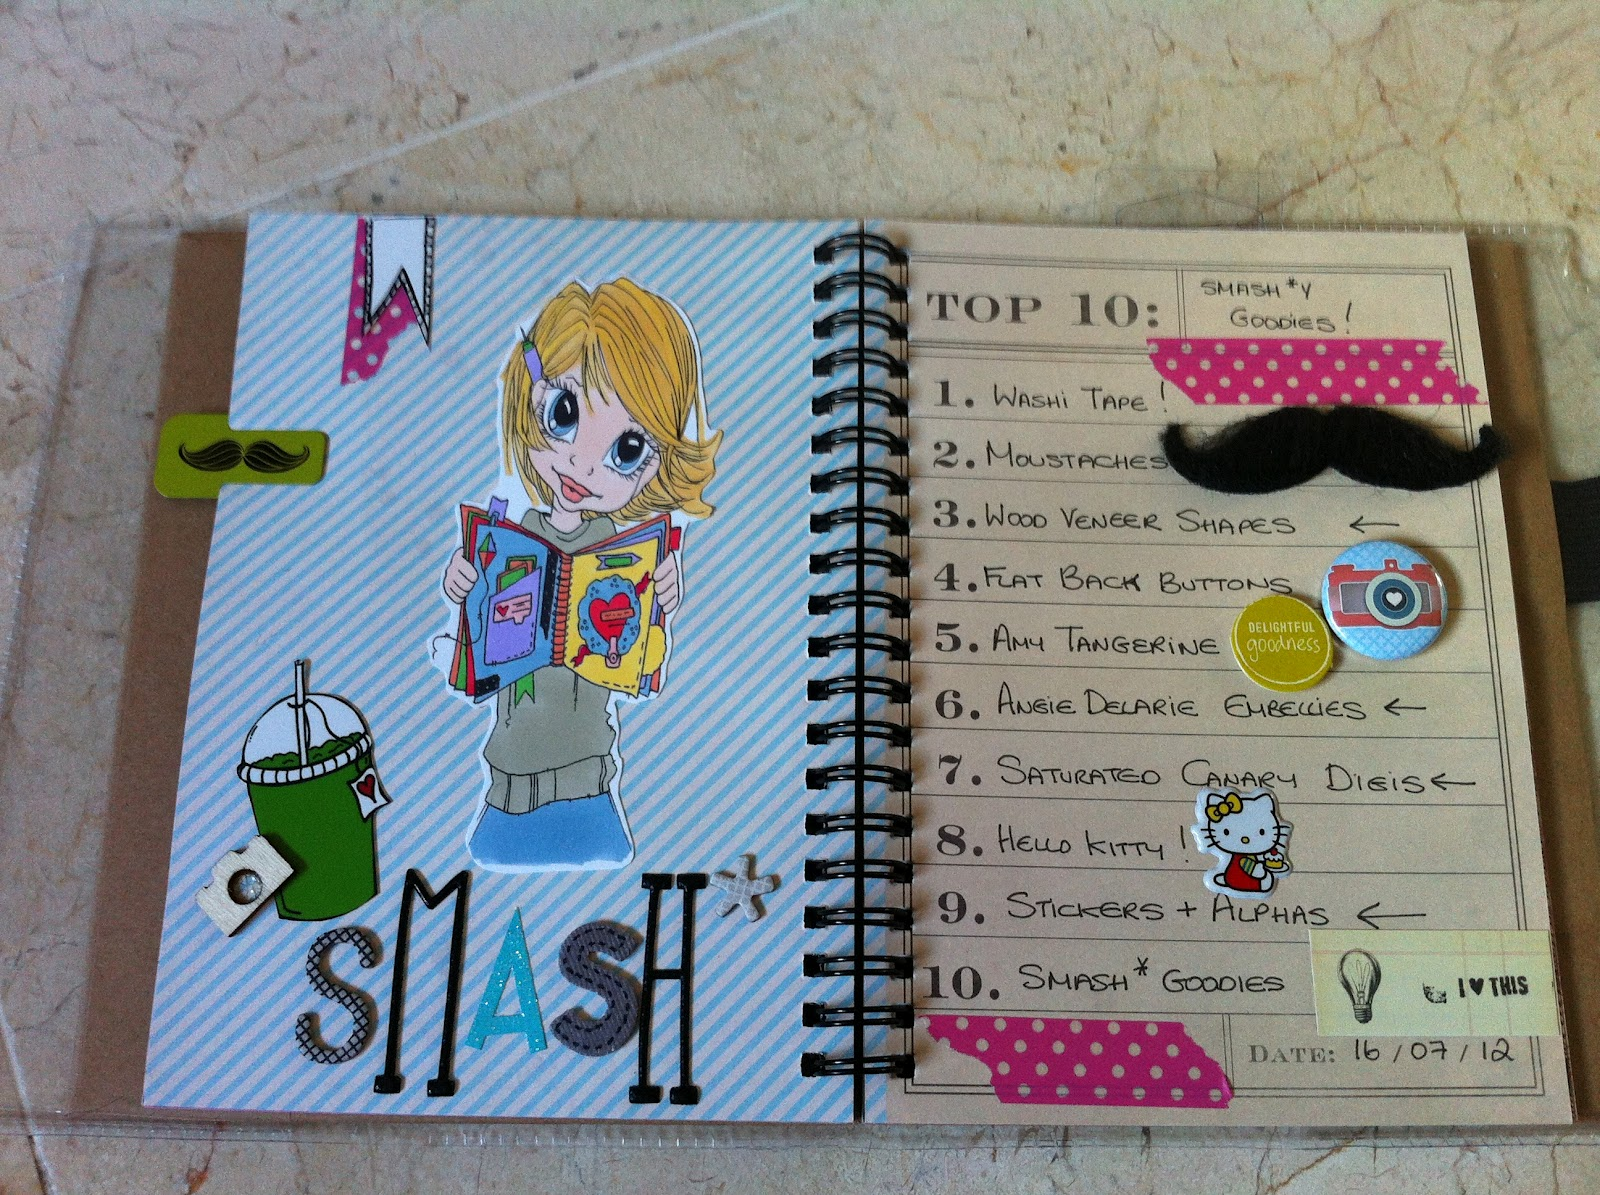 Новые и лучшие идеи для личного дневника для девочек своими руками 56